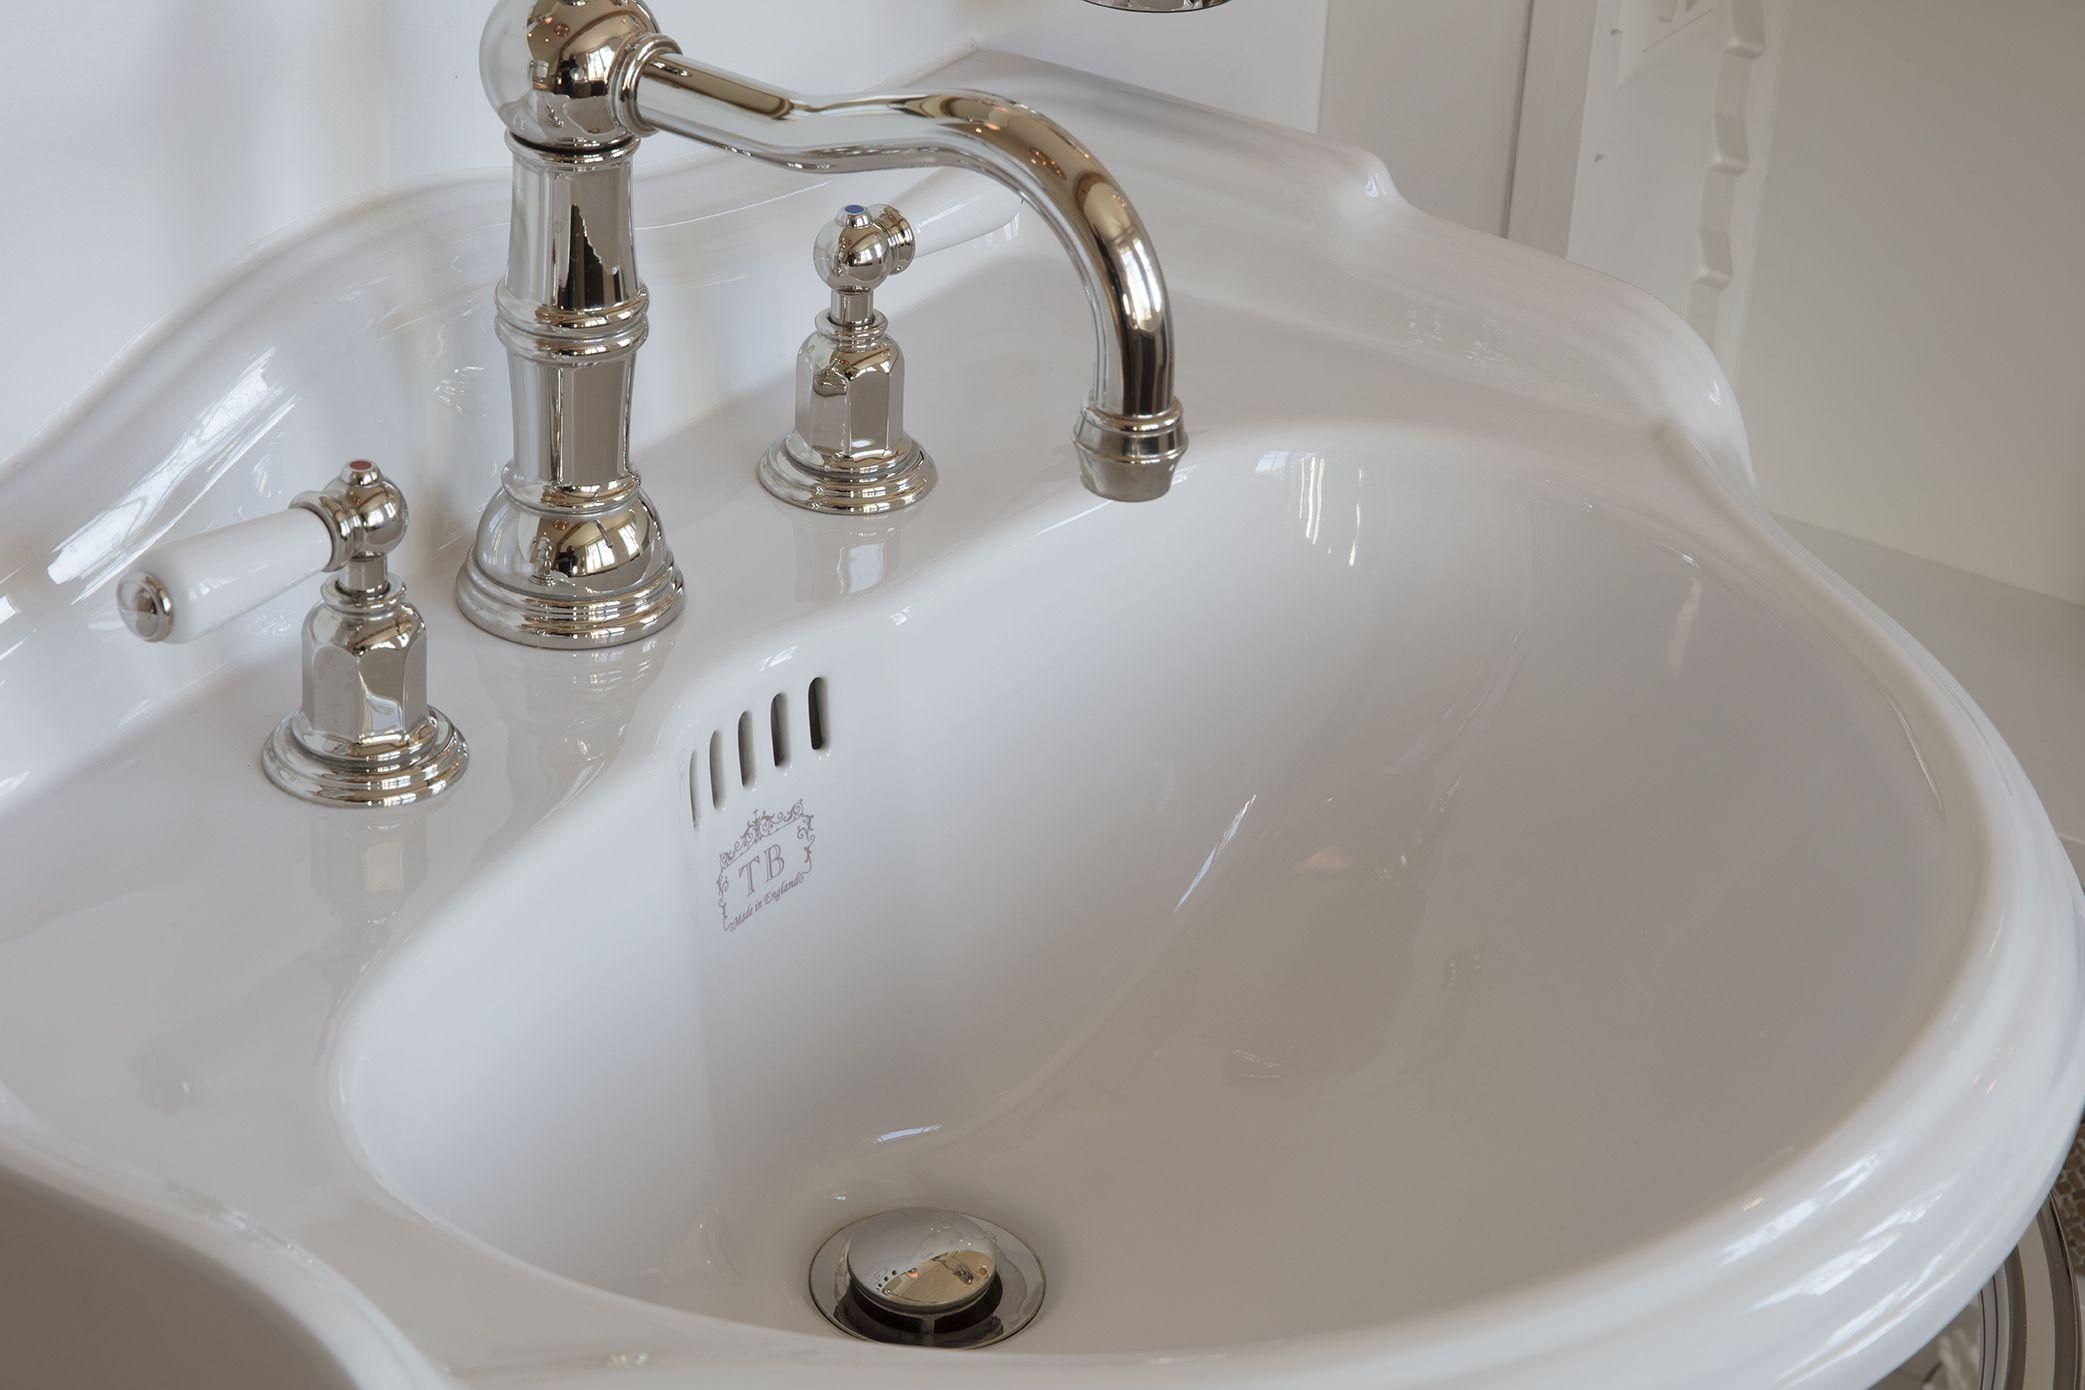 Einer Unserer Zeitlosen Klassiker Ist Das Waschbecken Richmond Im Englischen Stil Waschtisch Badezimme Traditionelle Bader Bad Einrichten Bad Inspiration